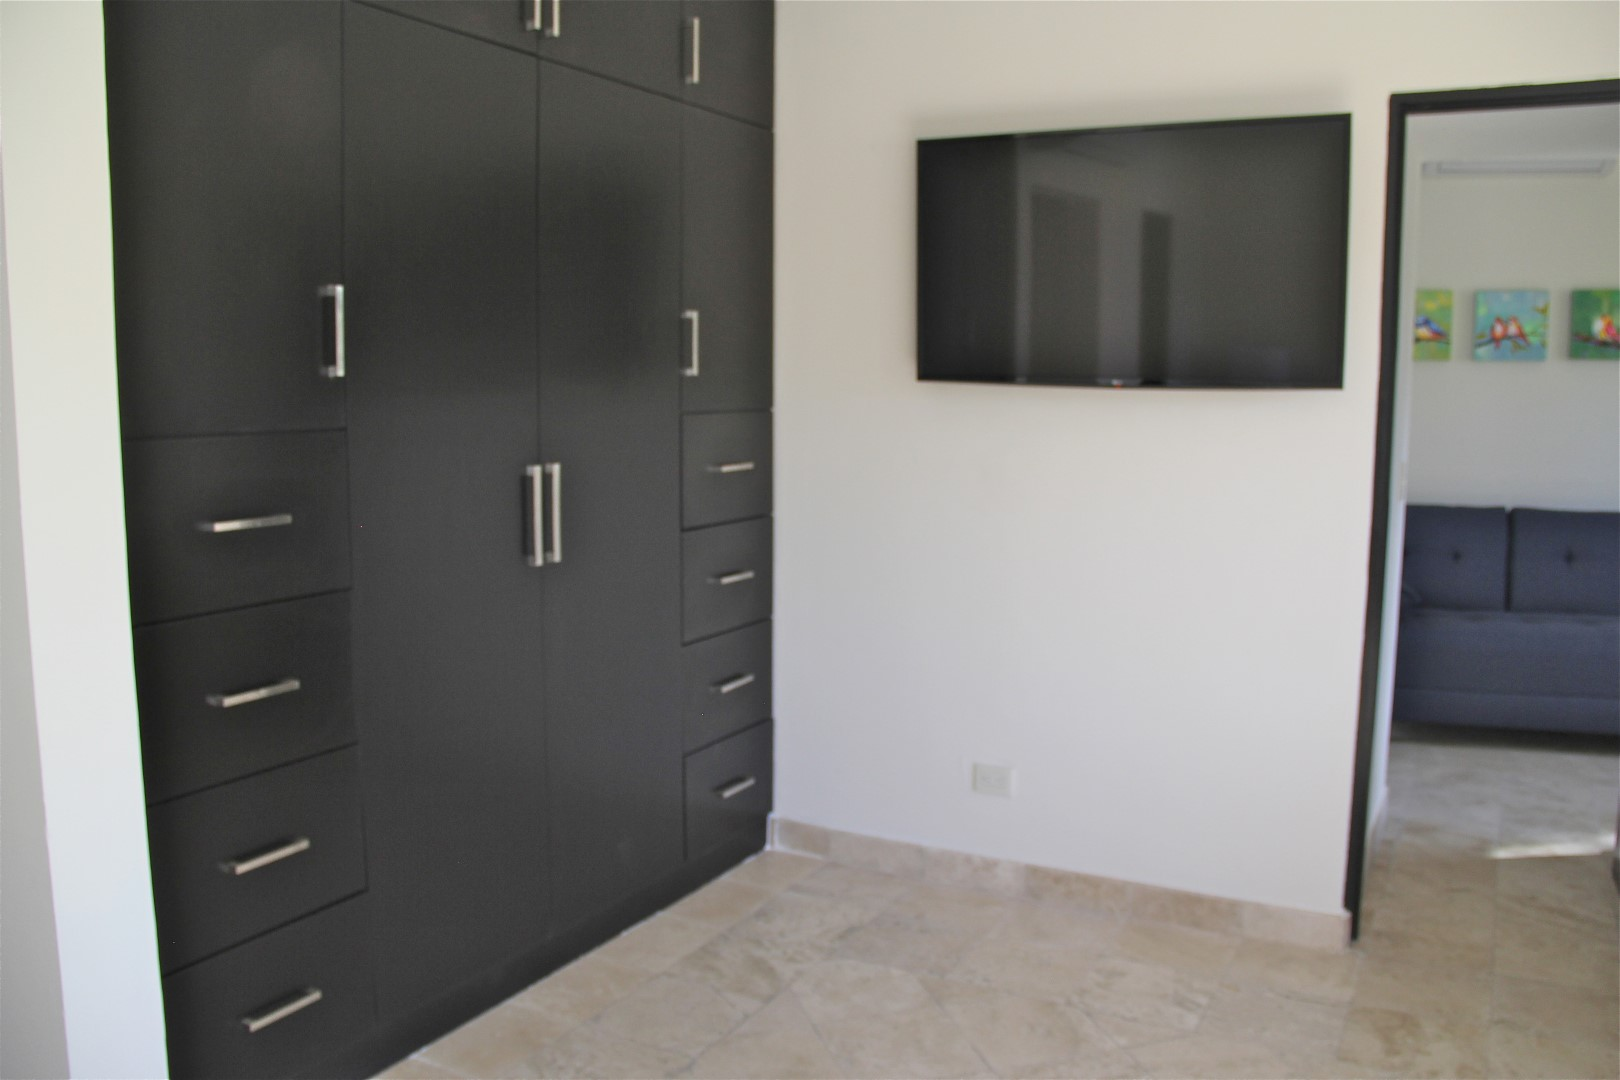 Closet and Tv in master suite